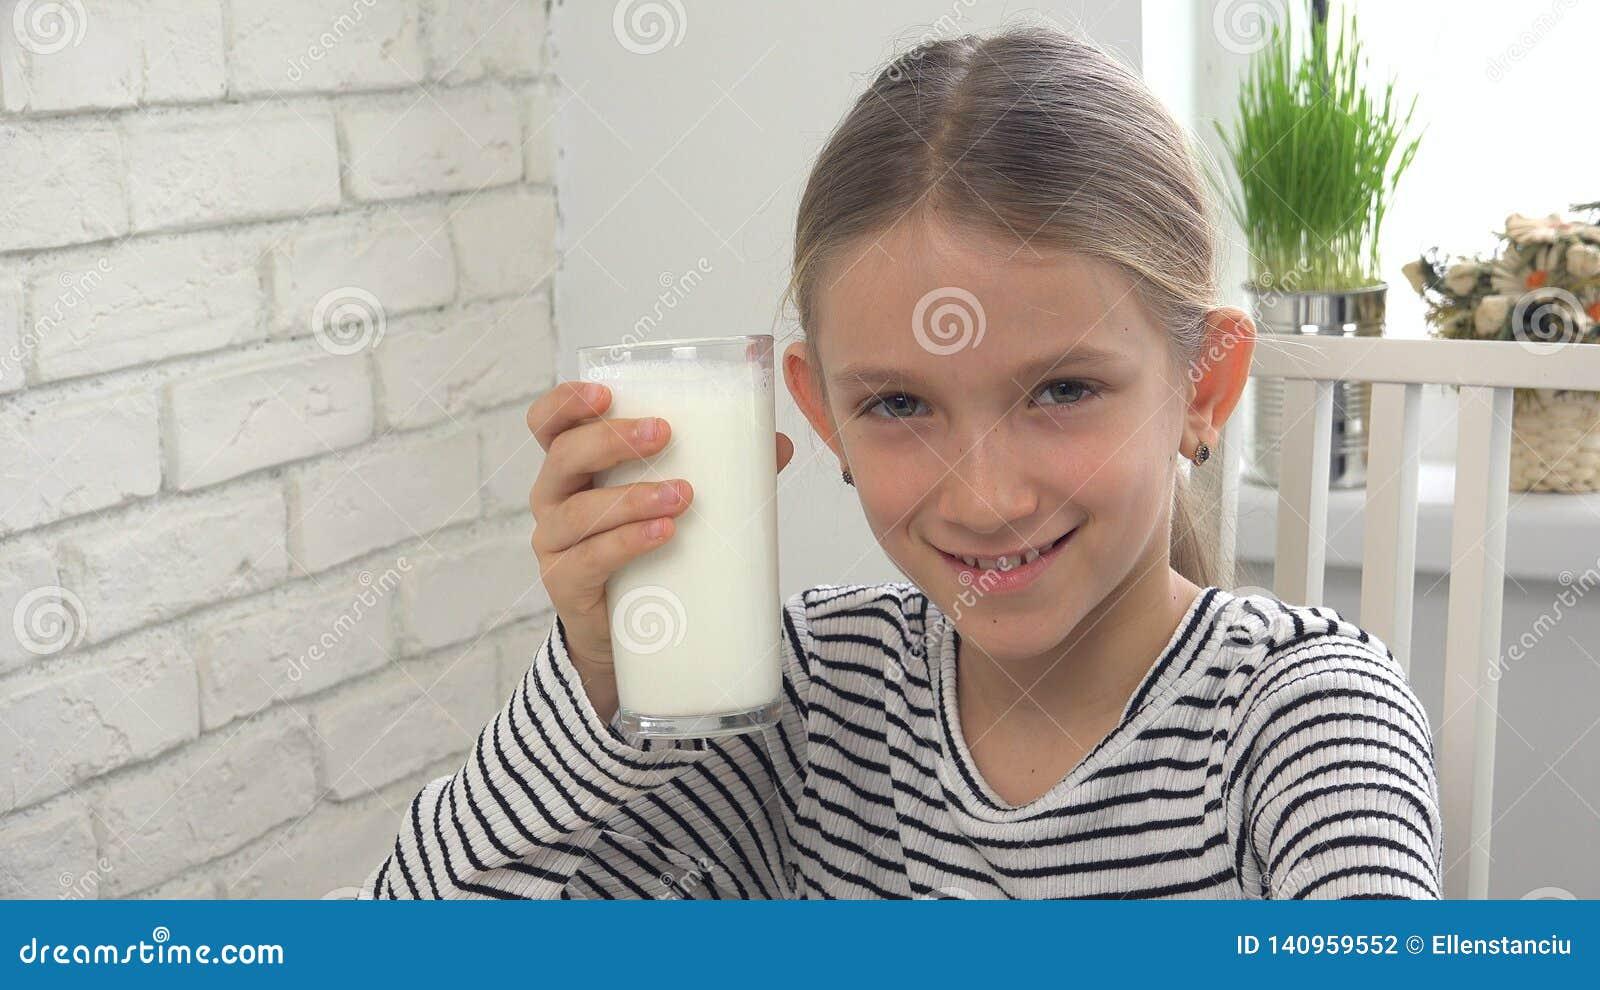 Lait boisson d enfant au petit déjeuner dans la cuisine, fille goûtant des laitages